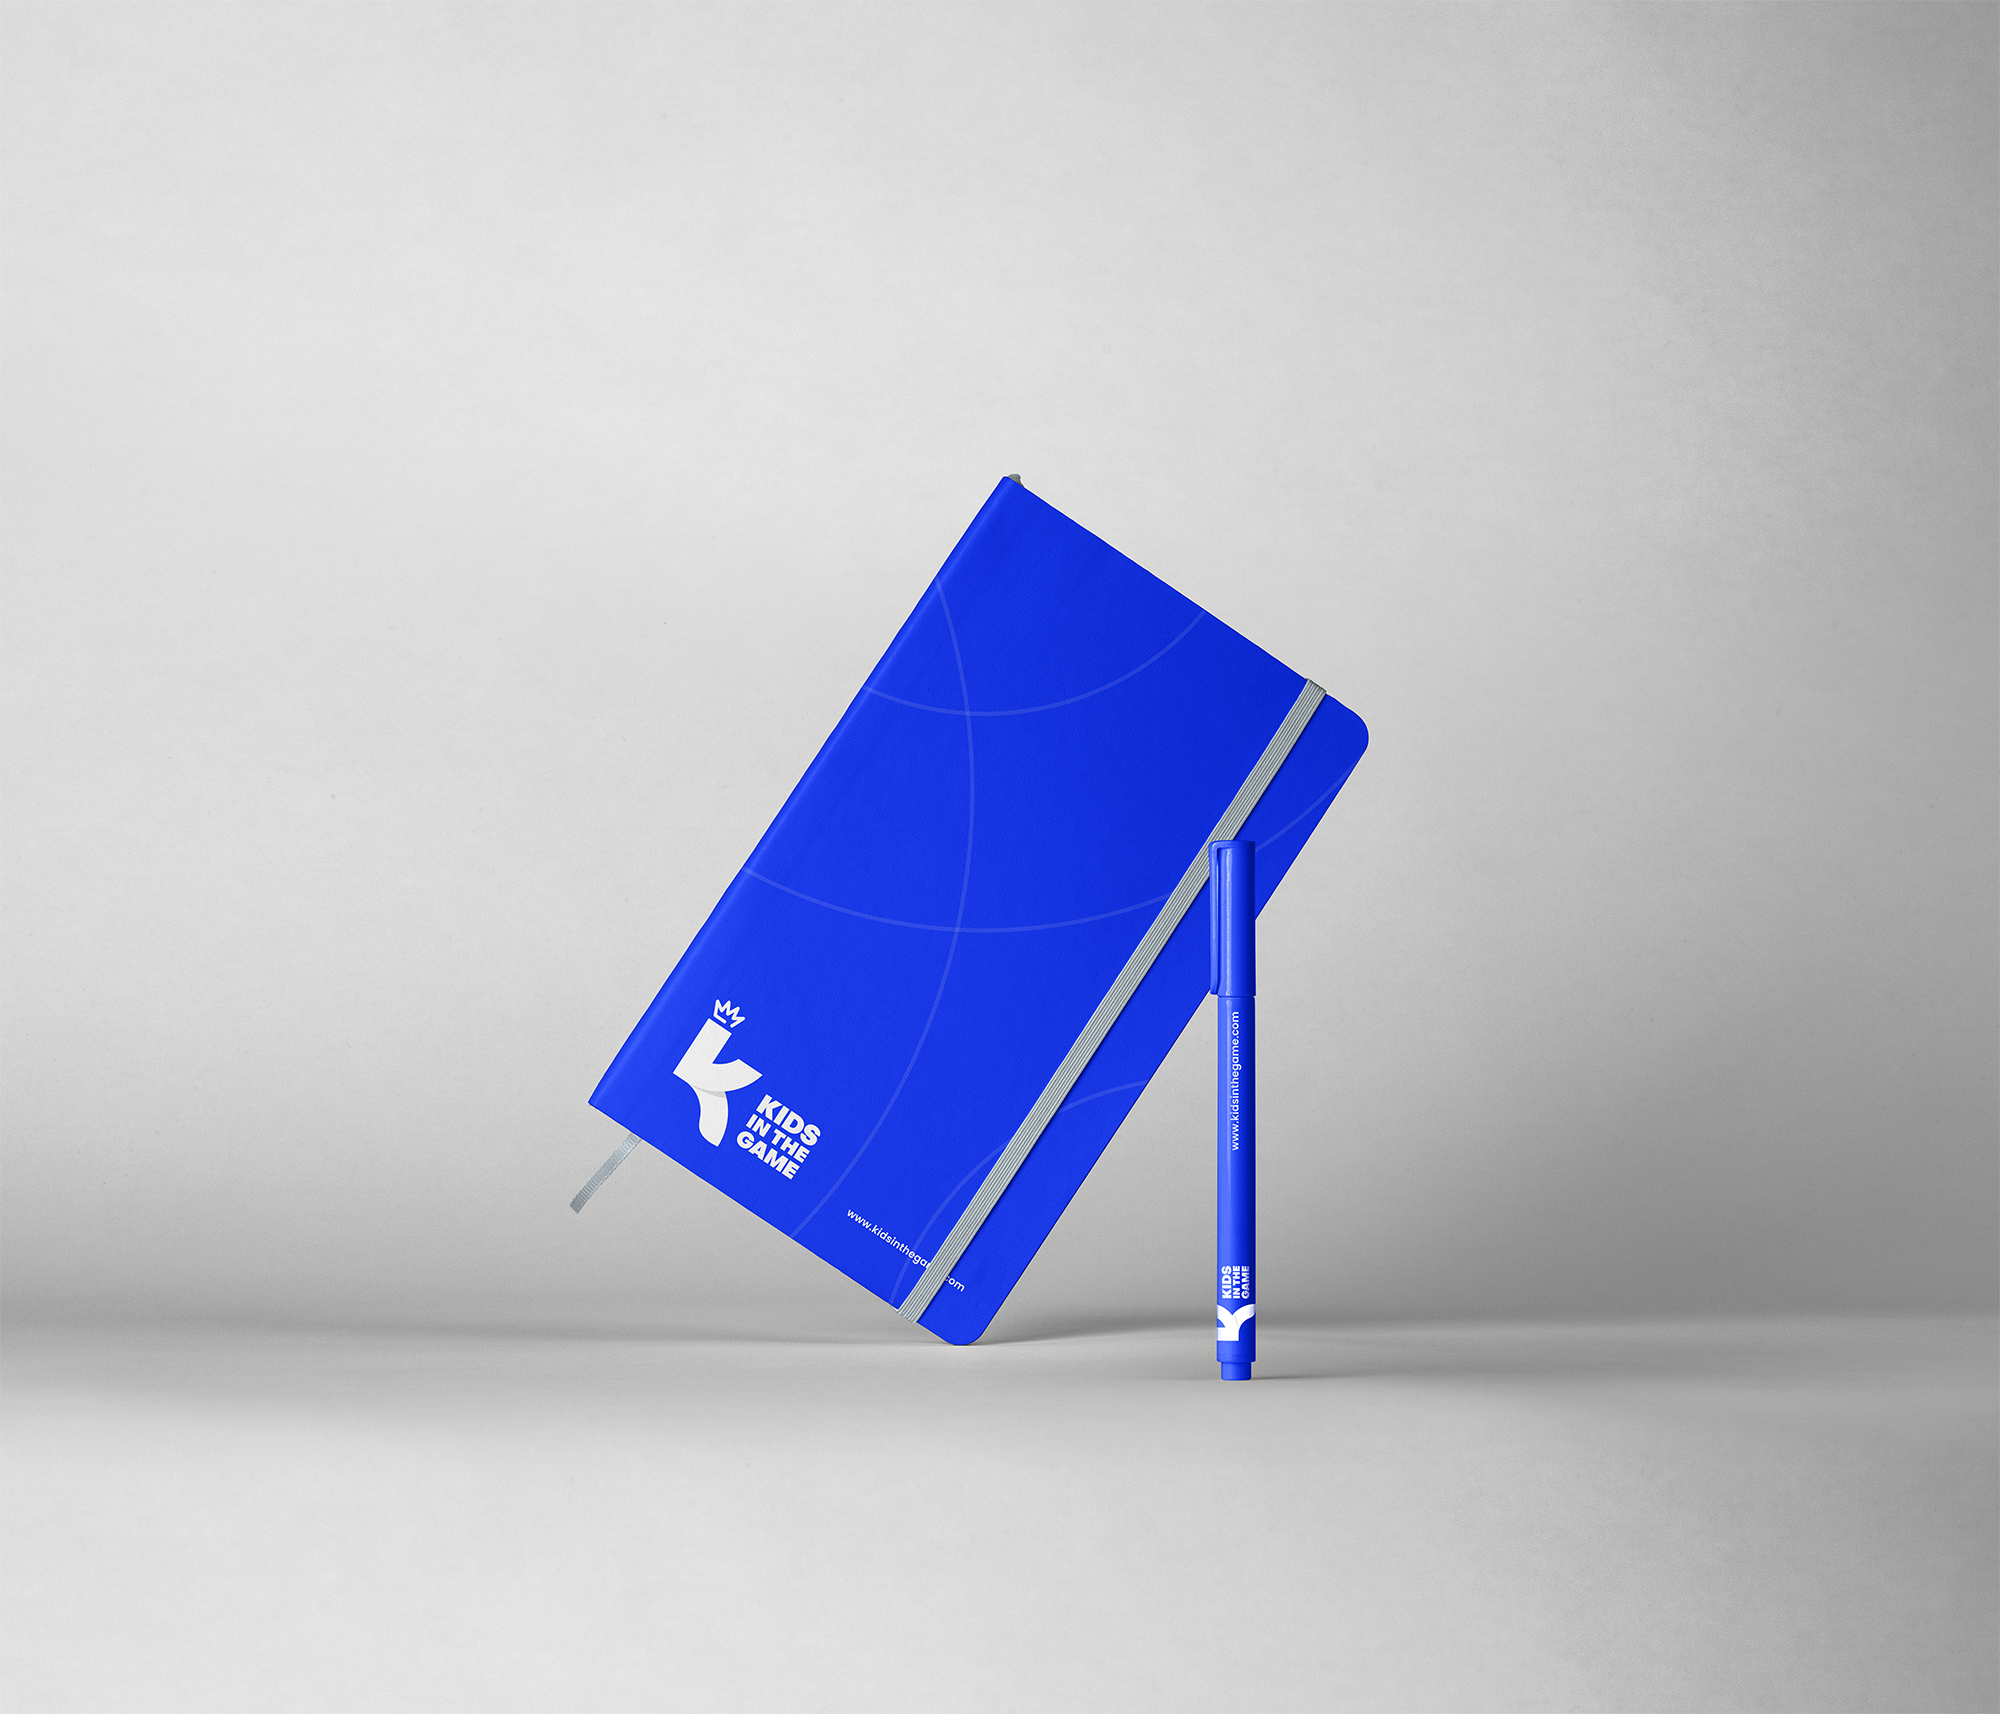 Branded notebook design